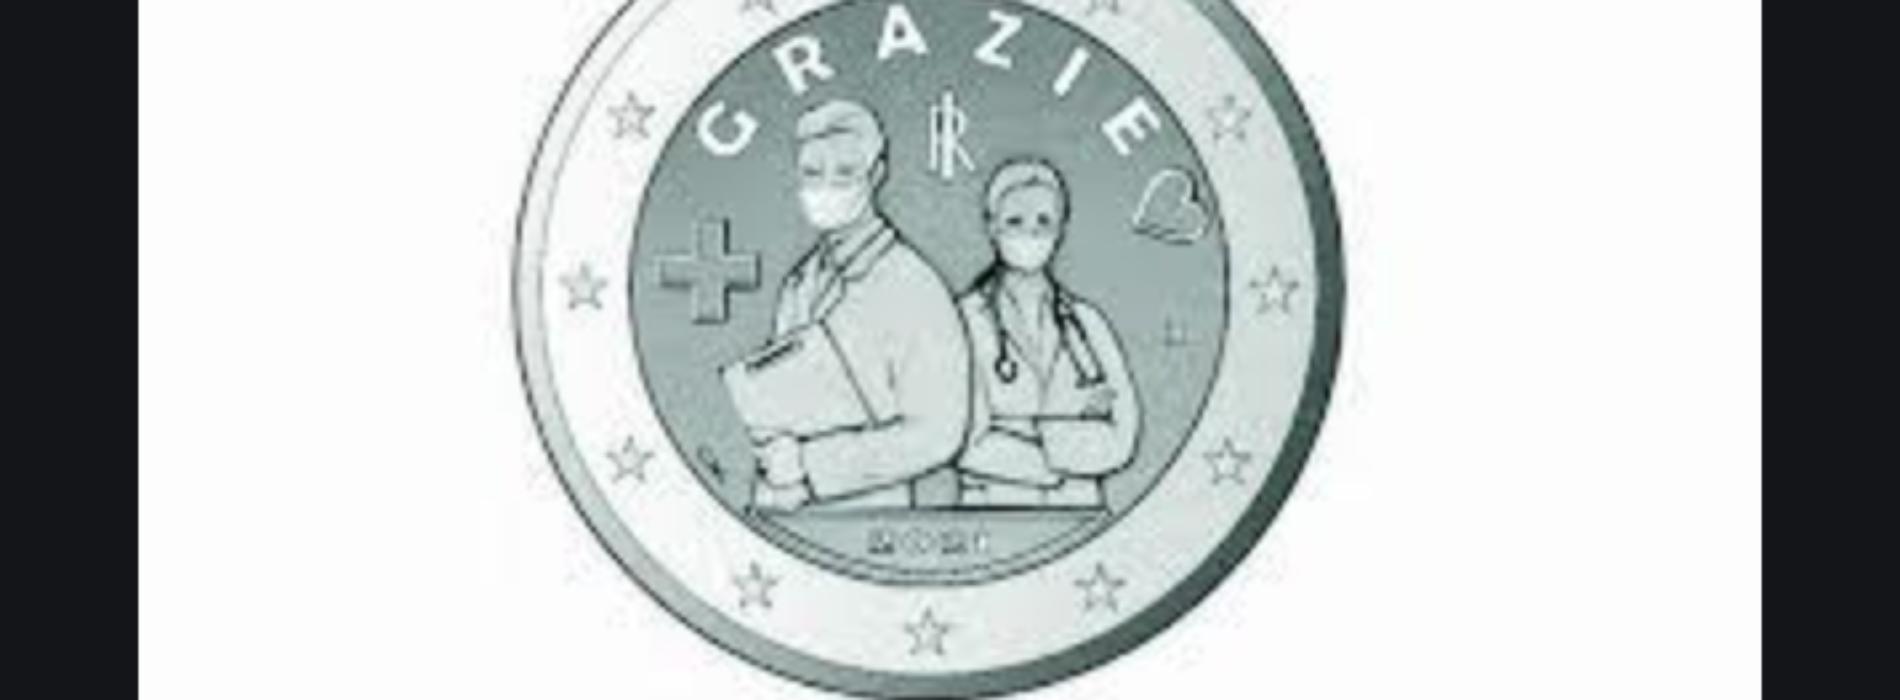 Nuovo conio, si fa moneta sonante il ringraziamento ai sanitari